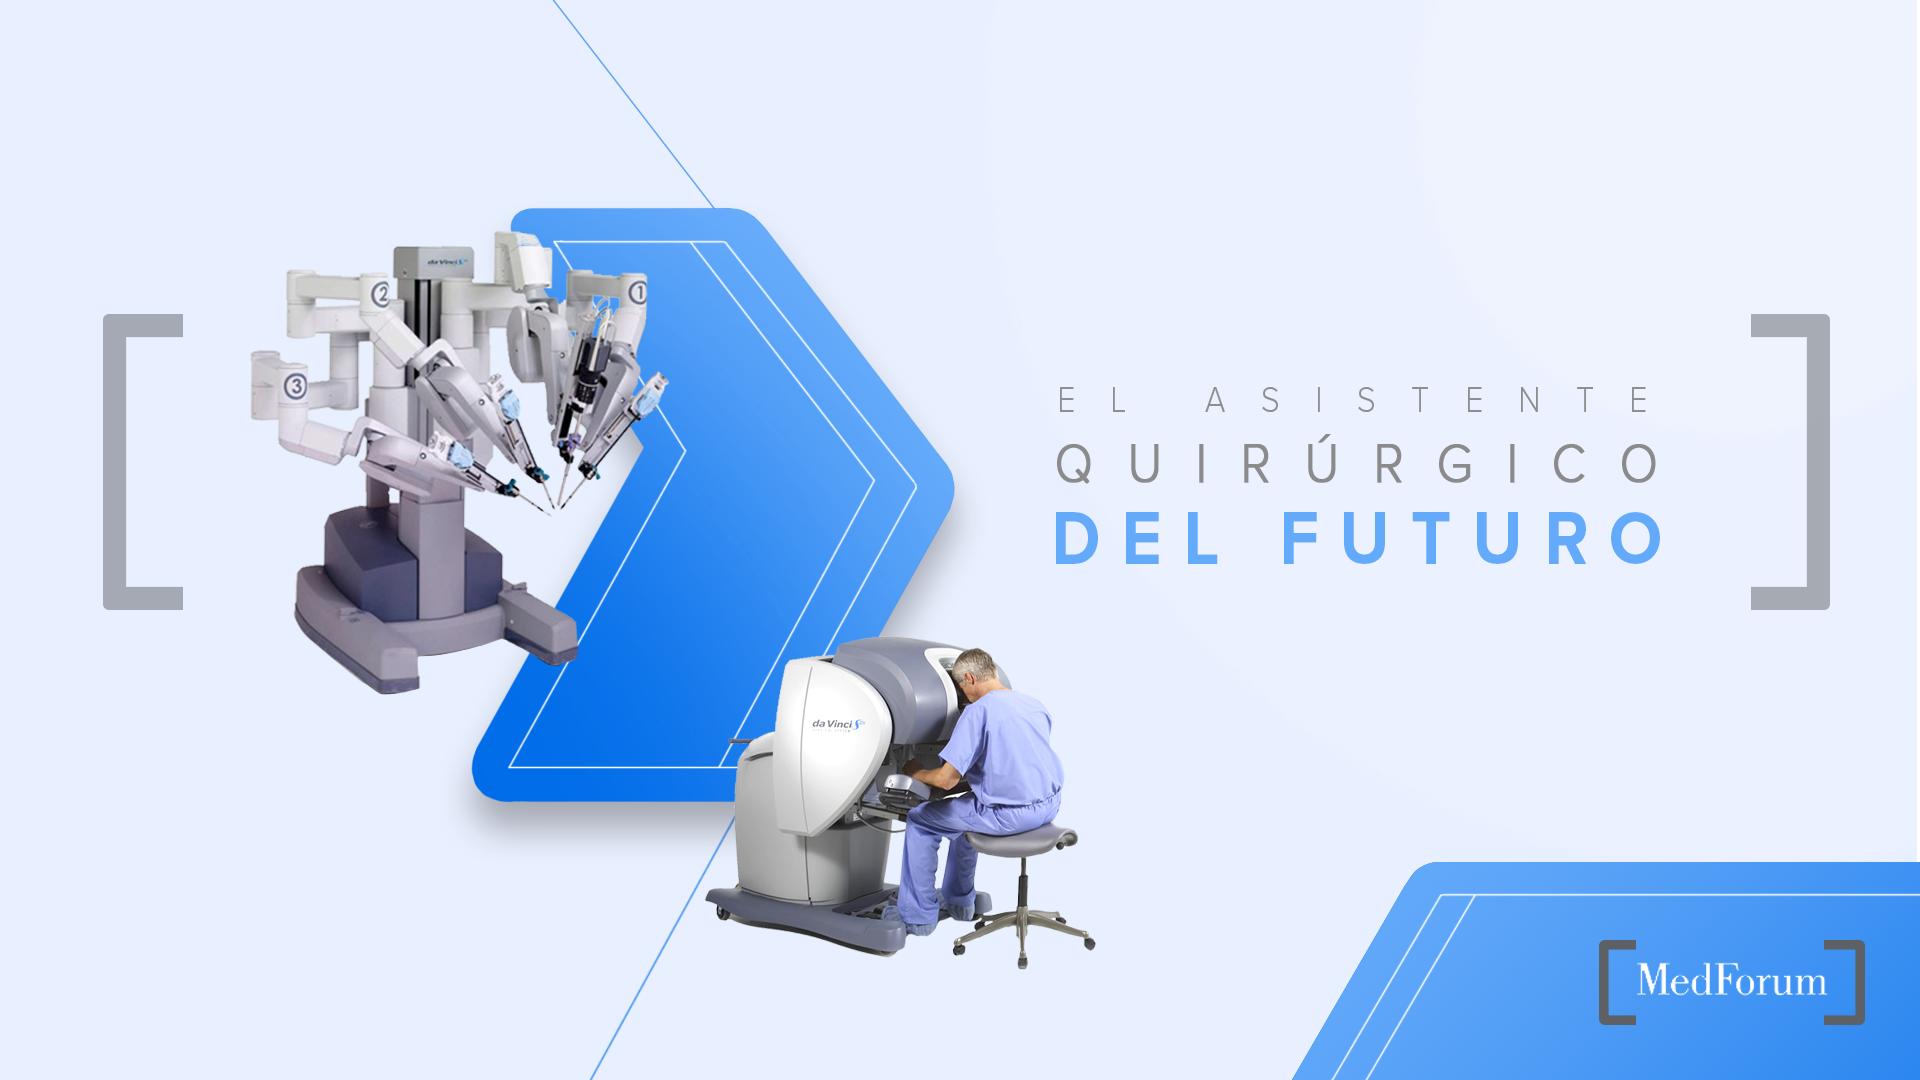 Da Vinci, el robot que está cambiando la cirugía